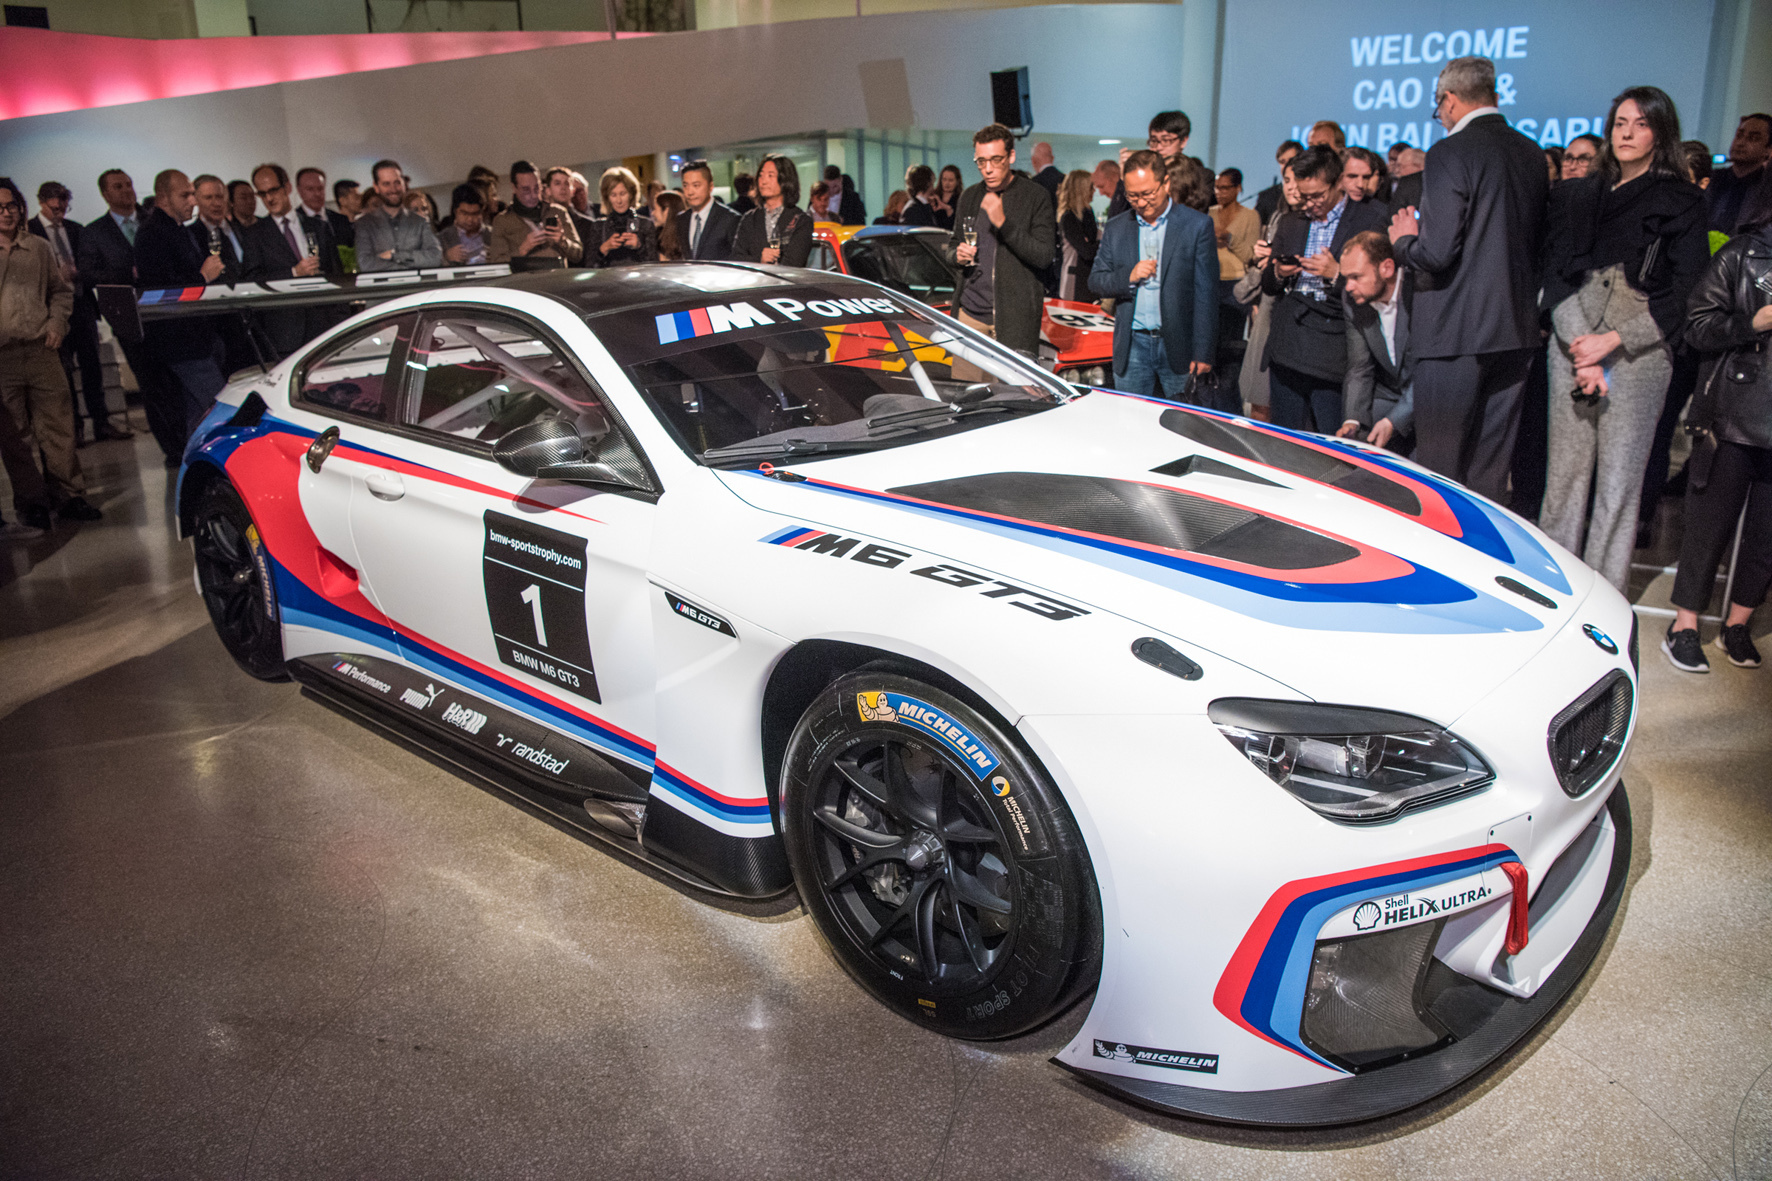 """mid New York - Kunst am Rennwagen: BMW lässt seit nunmehr vier Jahrzehnten Fahrzeuge von berühmten Künstlern in """"Art Cars"""" verwandeln. Das 18. Exemplar entsteht auf Basis des neuen M6 GT3."""